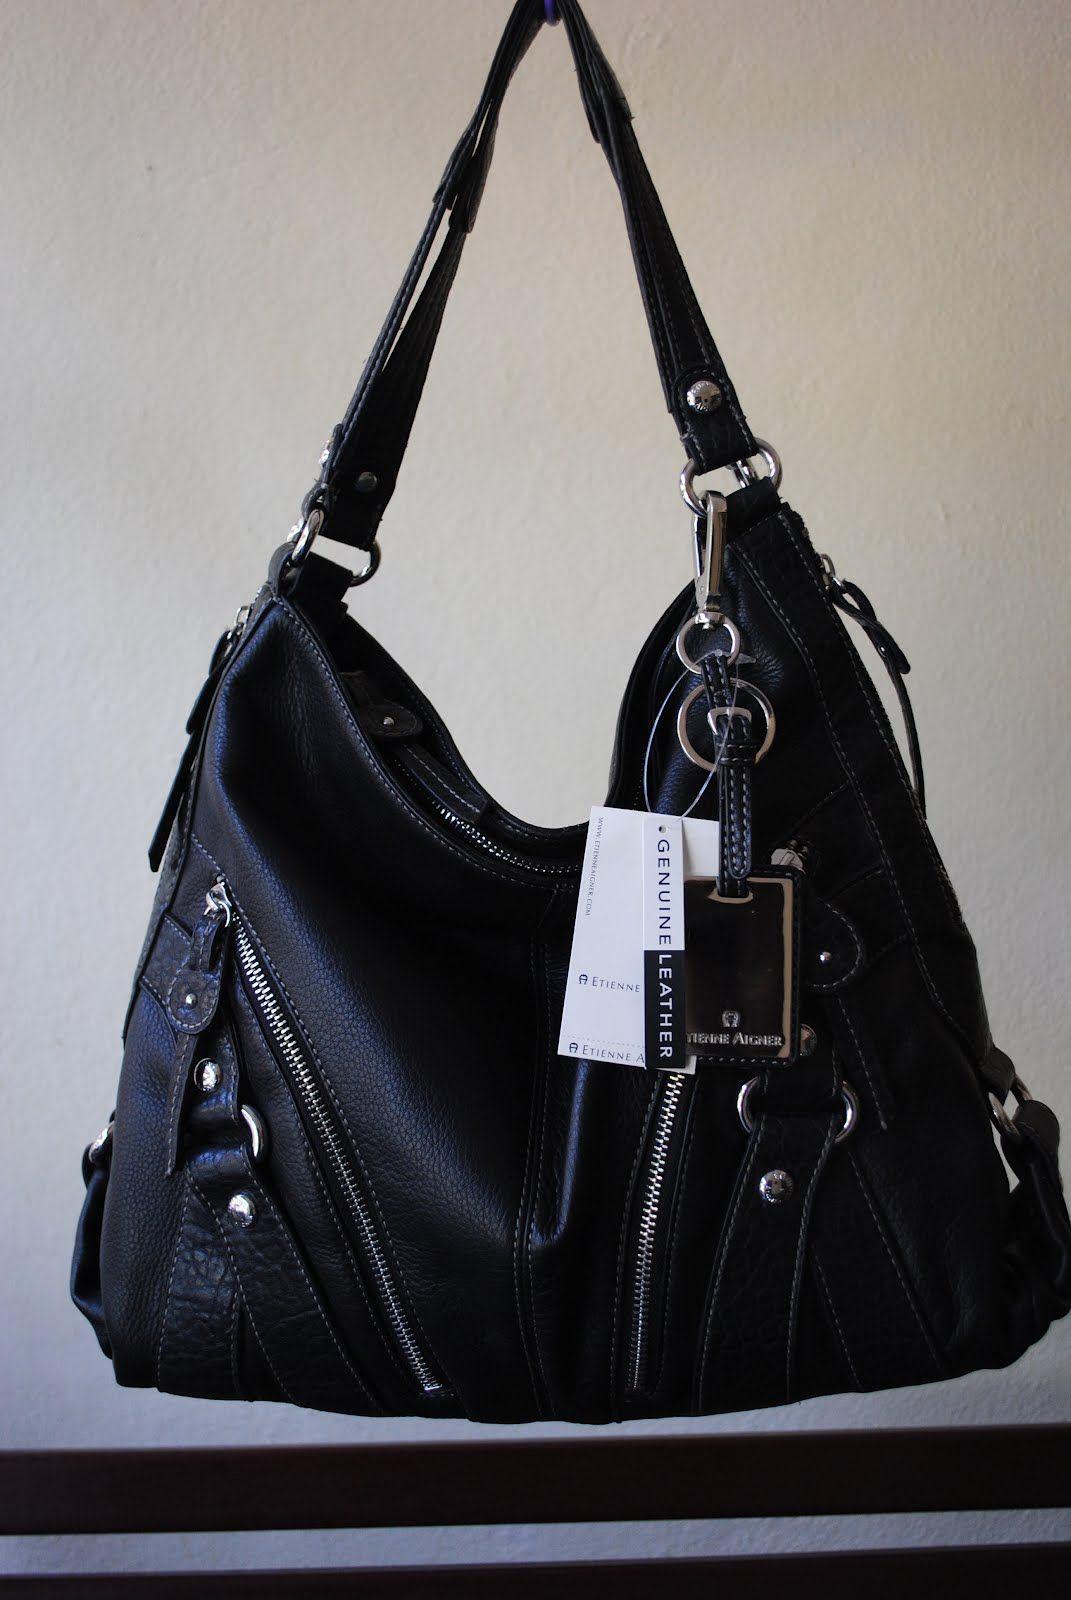 692af8fcf6 Etienne+Aigner+Handbags